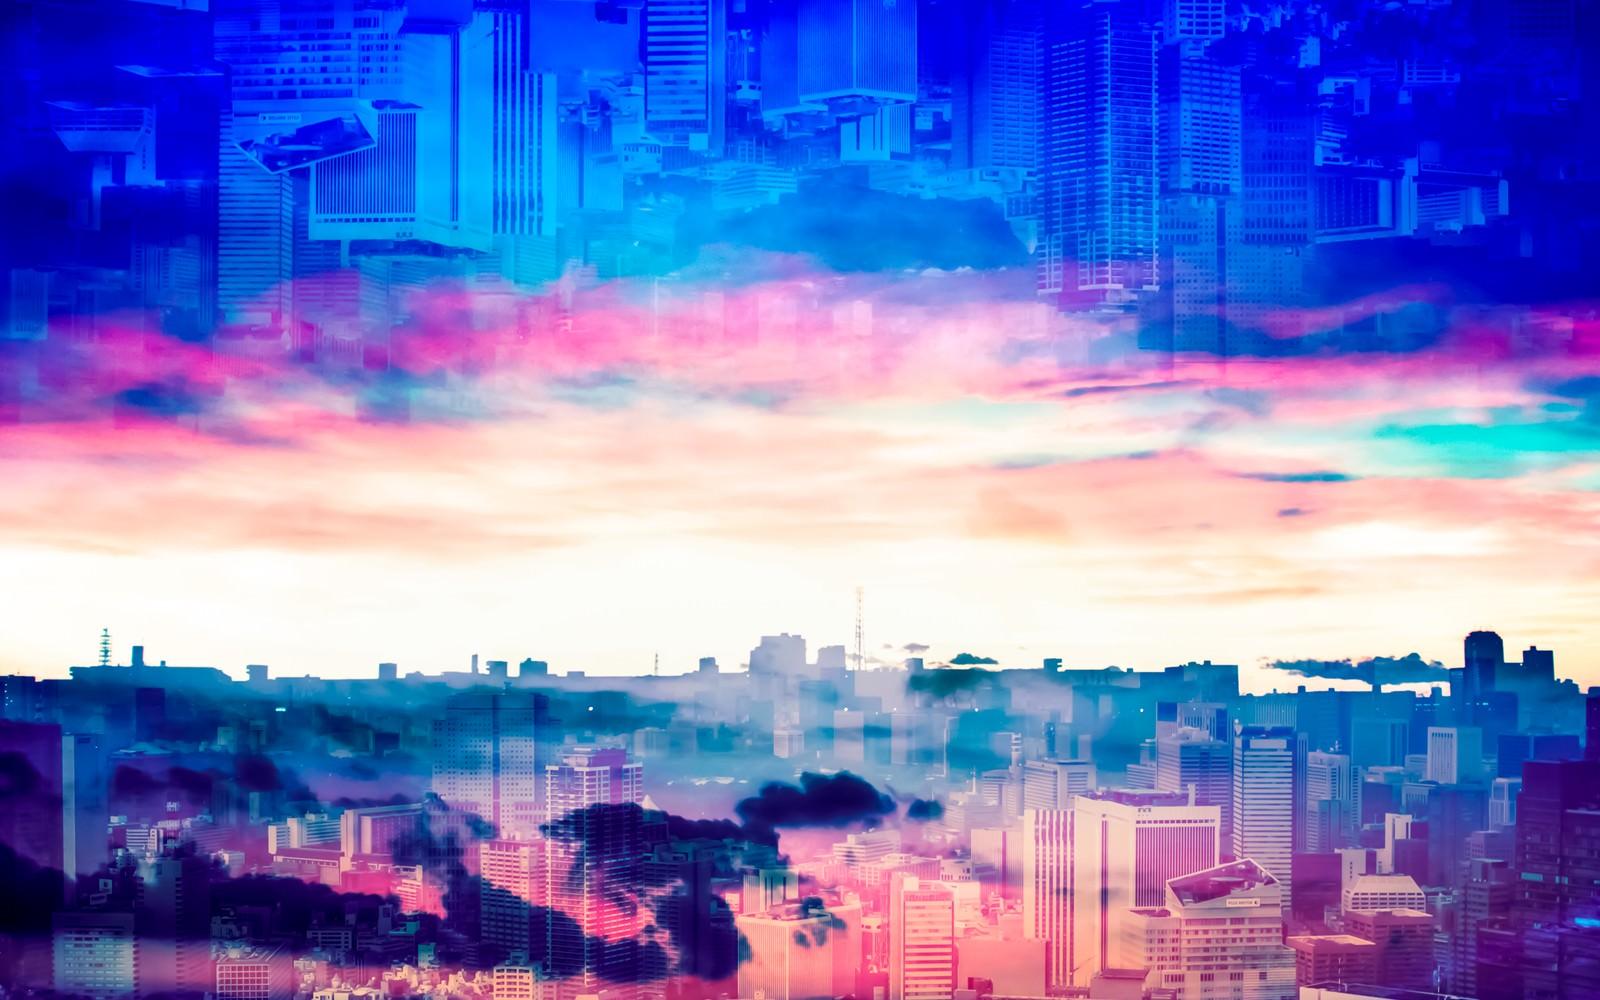 「重なり合う朝と夕方の都市(フォトモンタージュ)」の写真